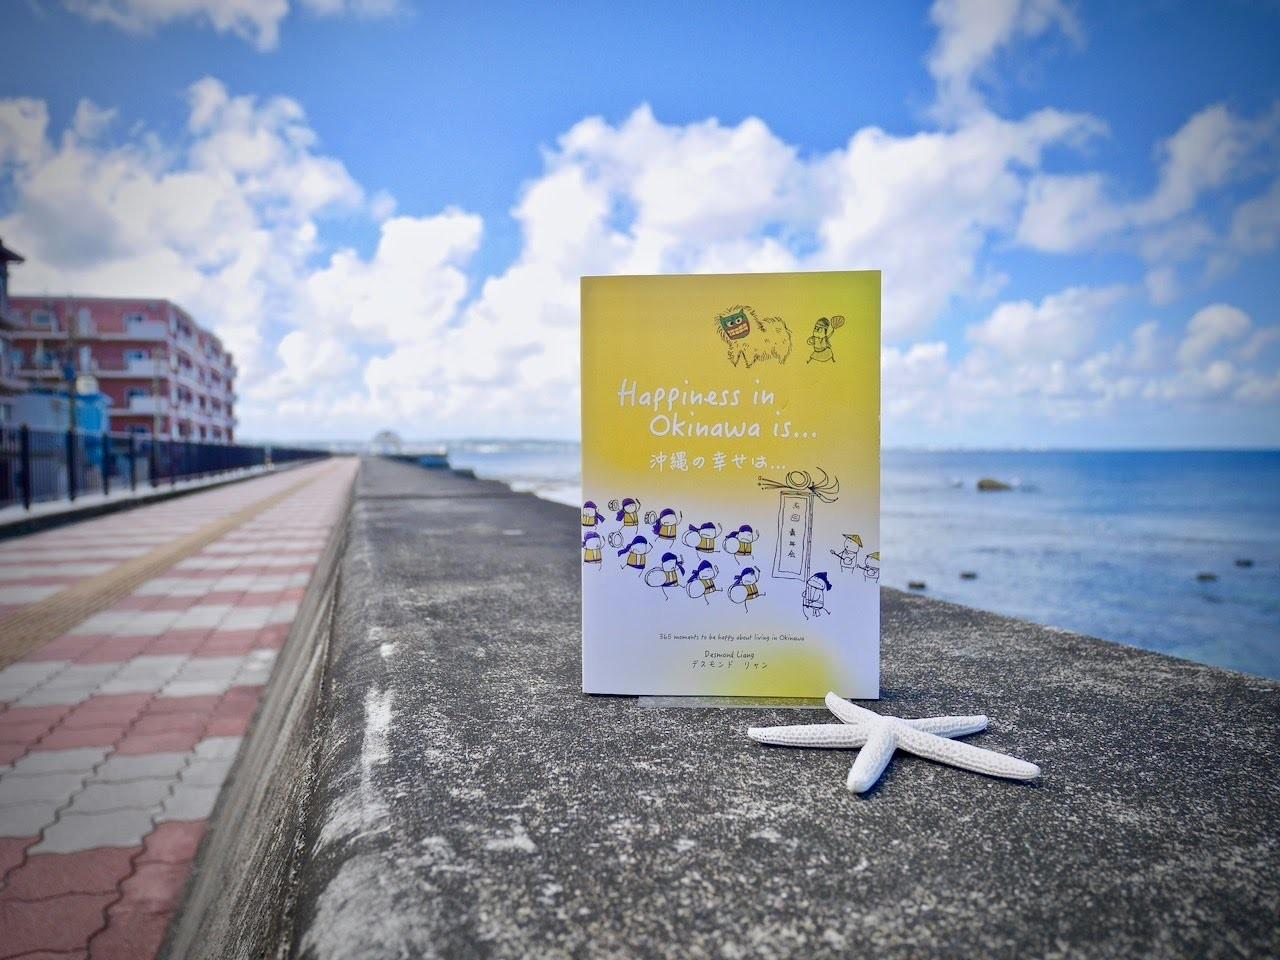 沖縄での幸せは。。。イラスト本